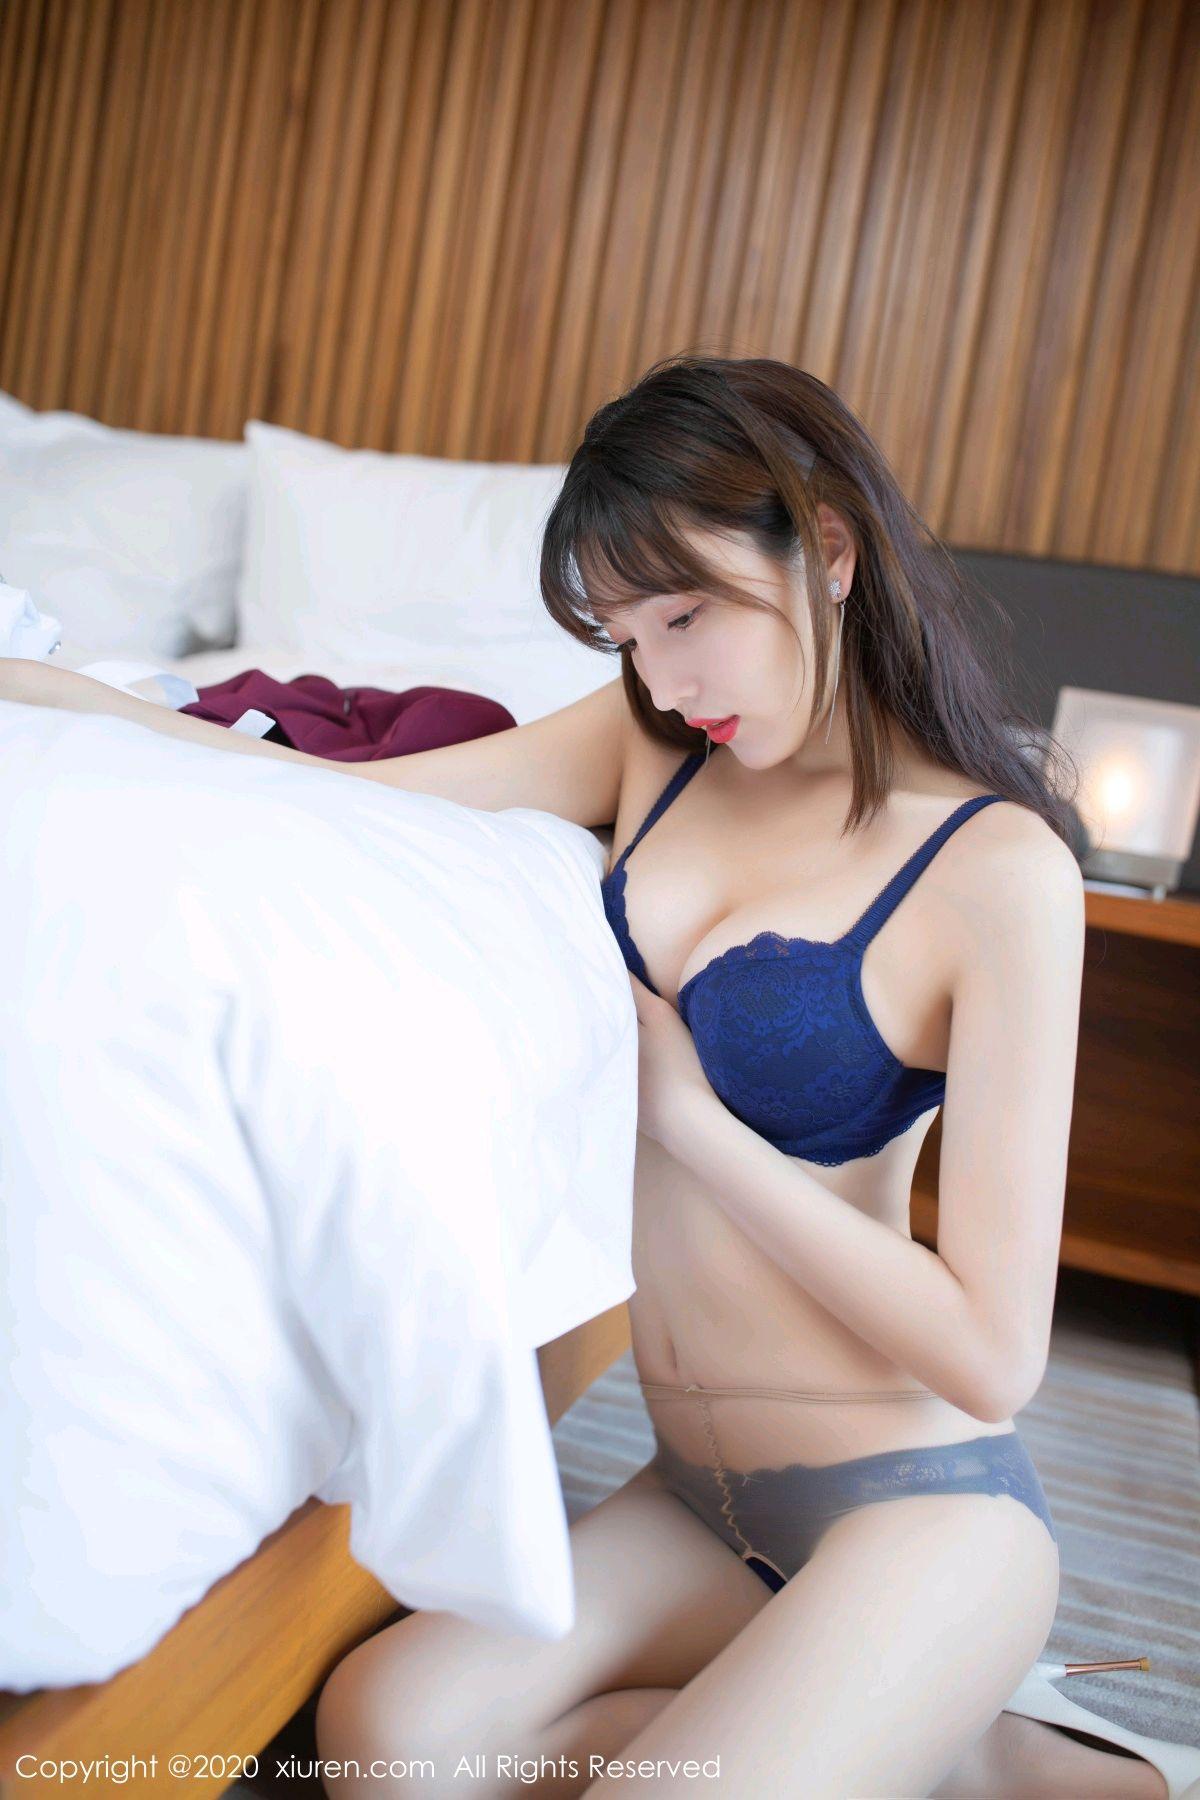 [XiuRen] Vol.2705 Lu Xuan Xuan 47P, Lu Xuan Xuan, Stewardess, Tall, Uniform, Xiuren